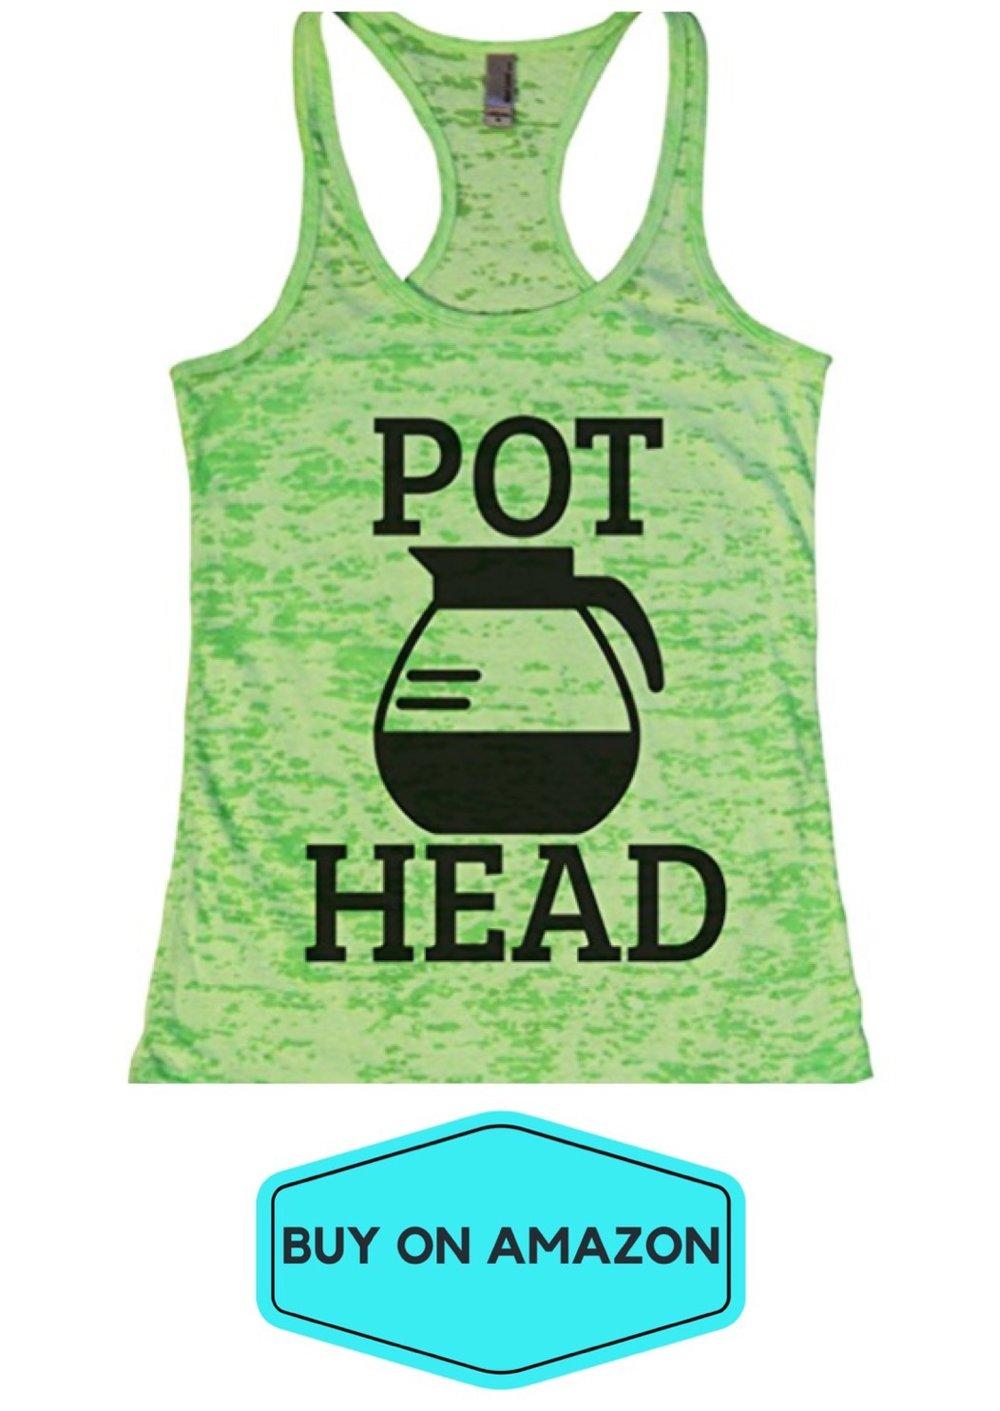 Pot Head Tank